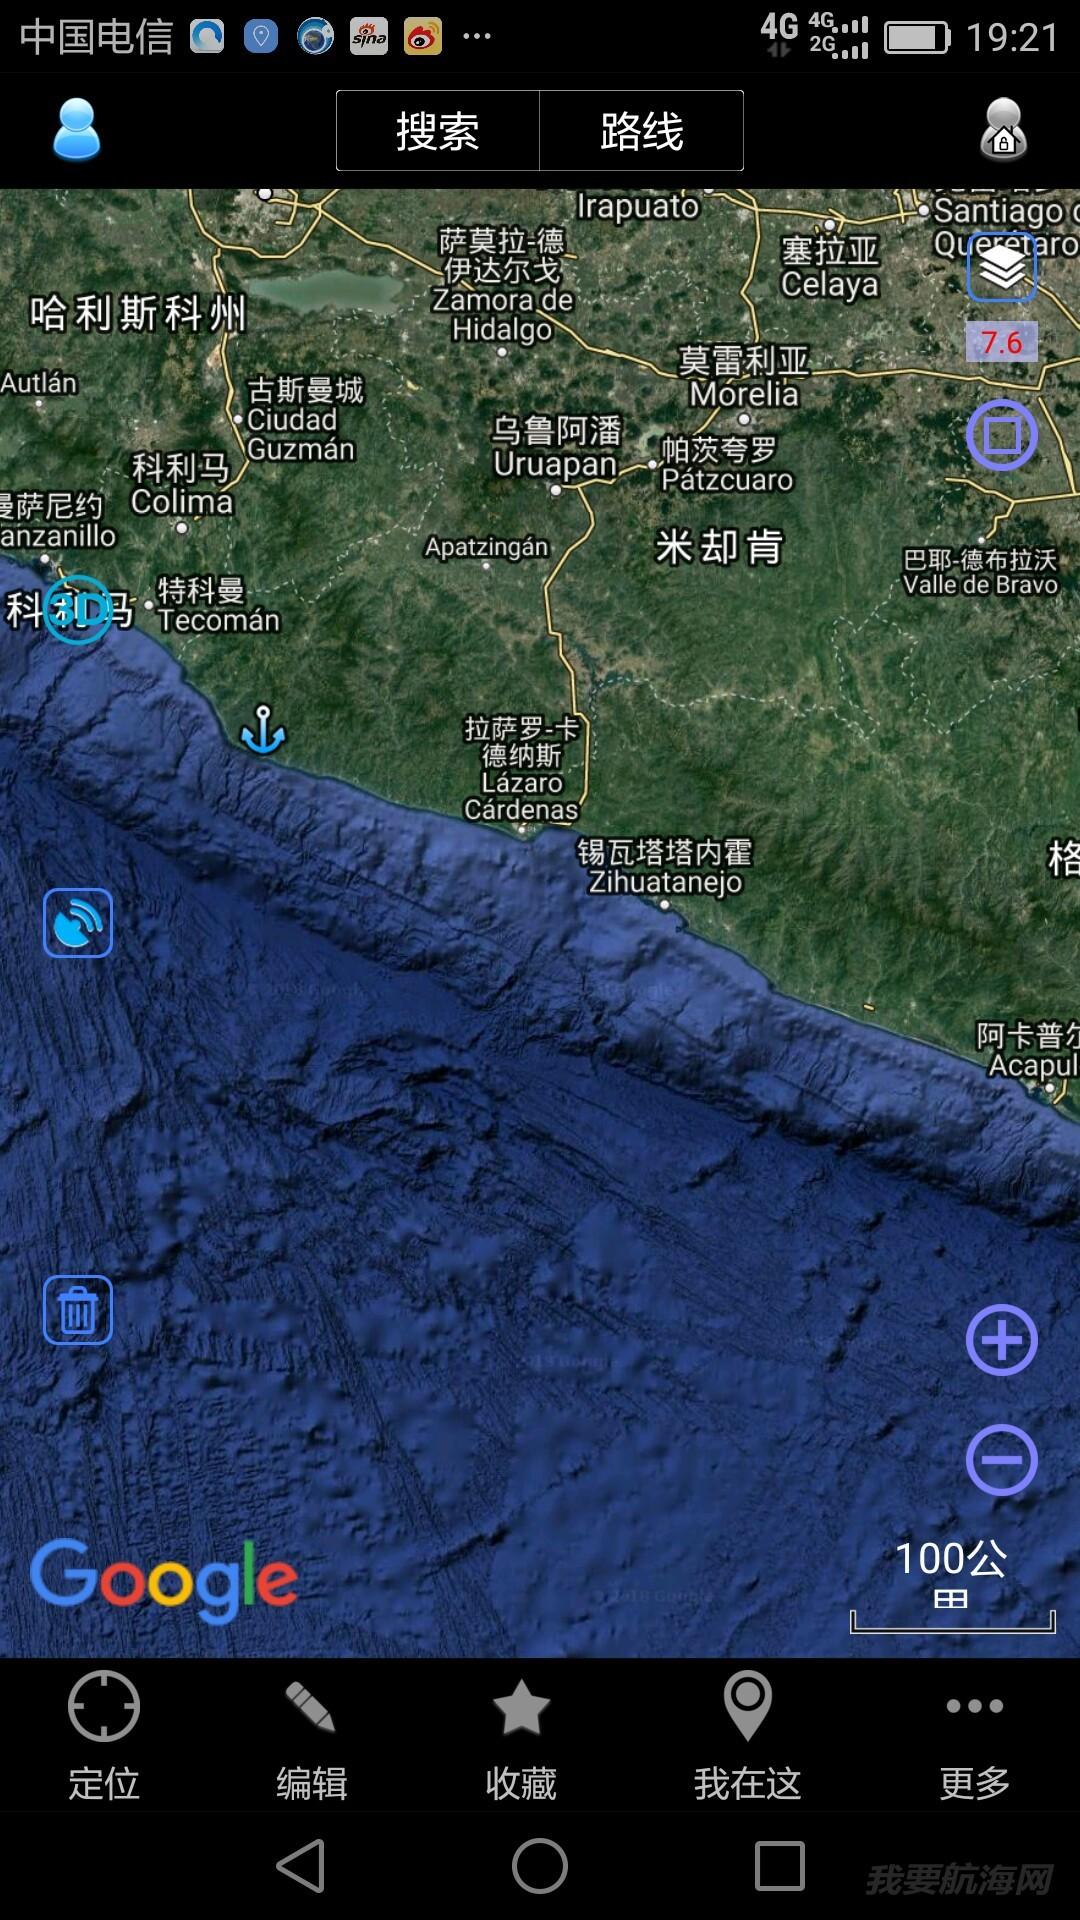 我是个钓鱼爱好者,需要对海岸的降比和岸基地质情况描述准确的海图APP,求推荐